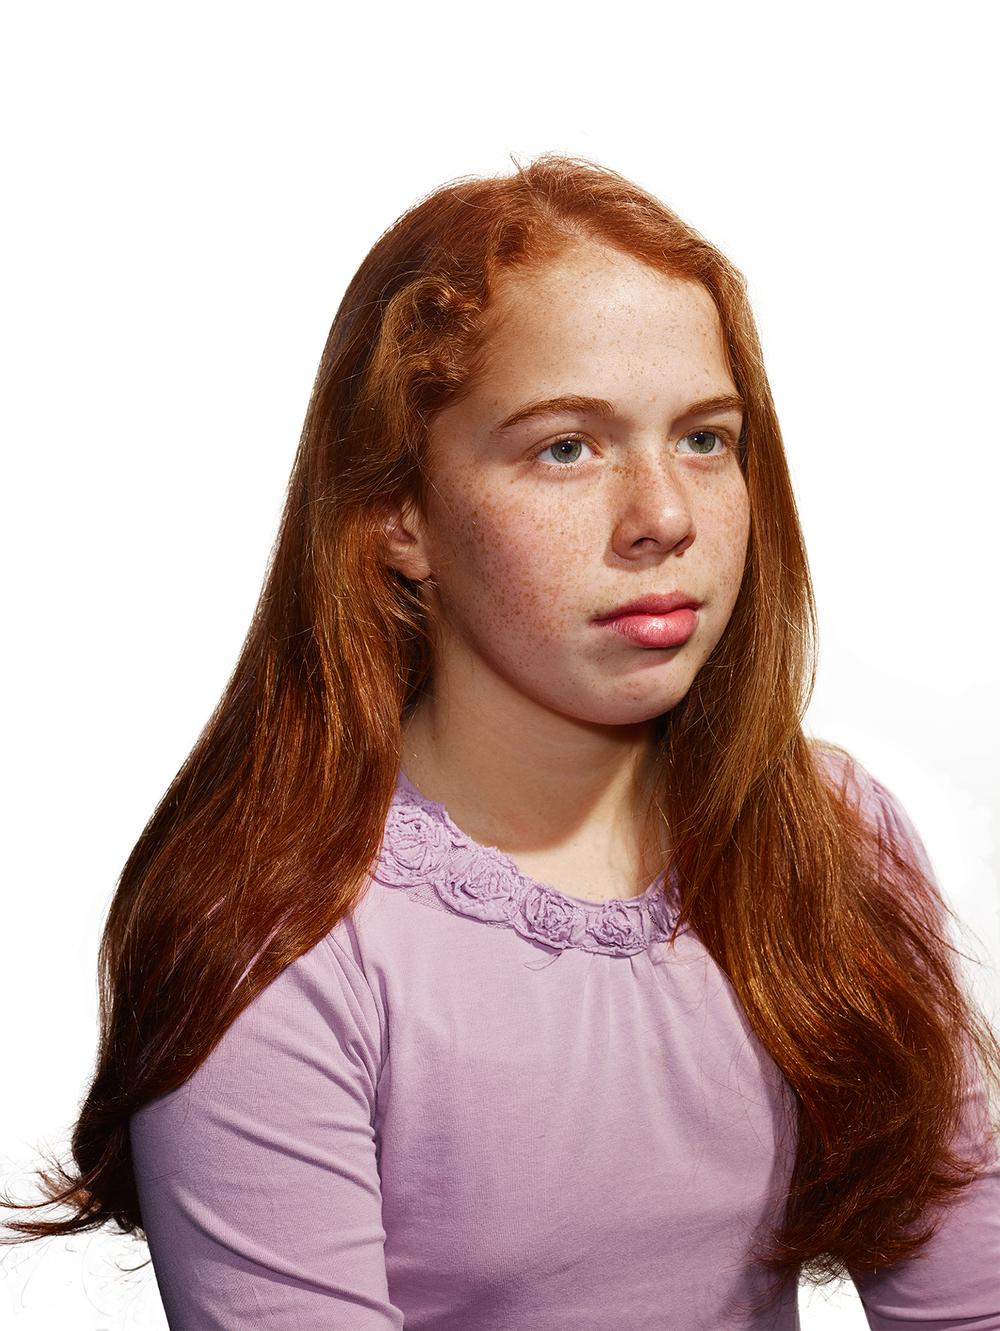 Redheads_131212_403.jpg